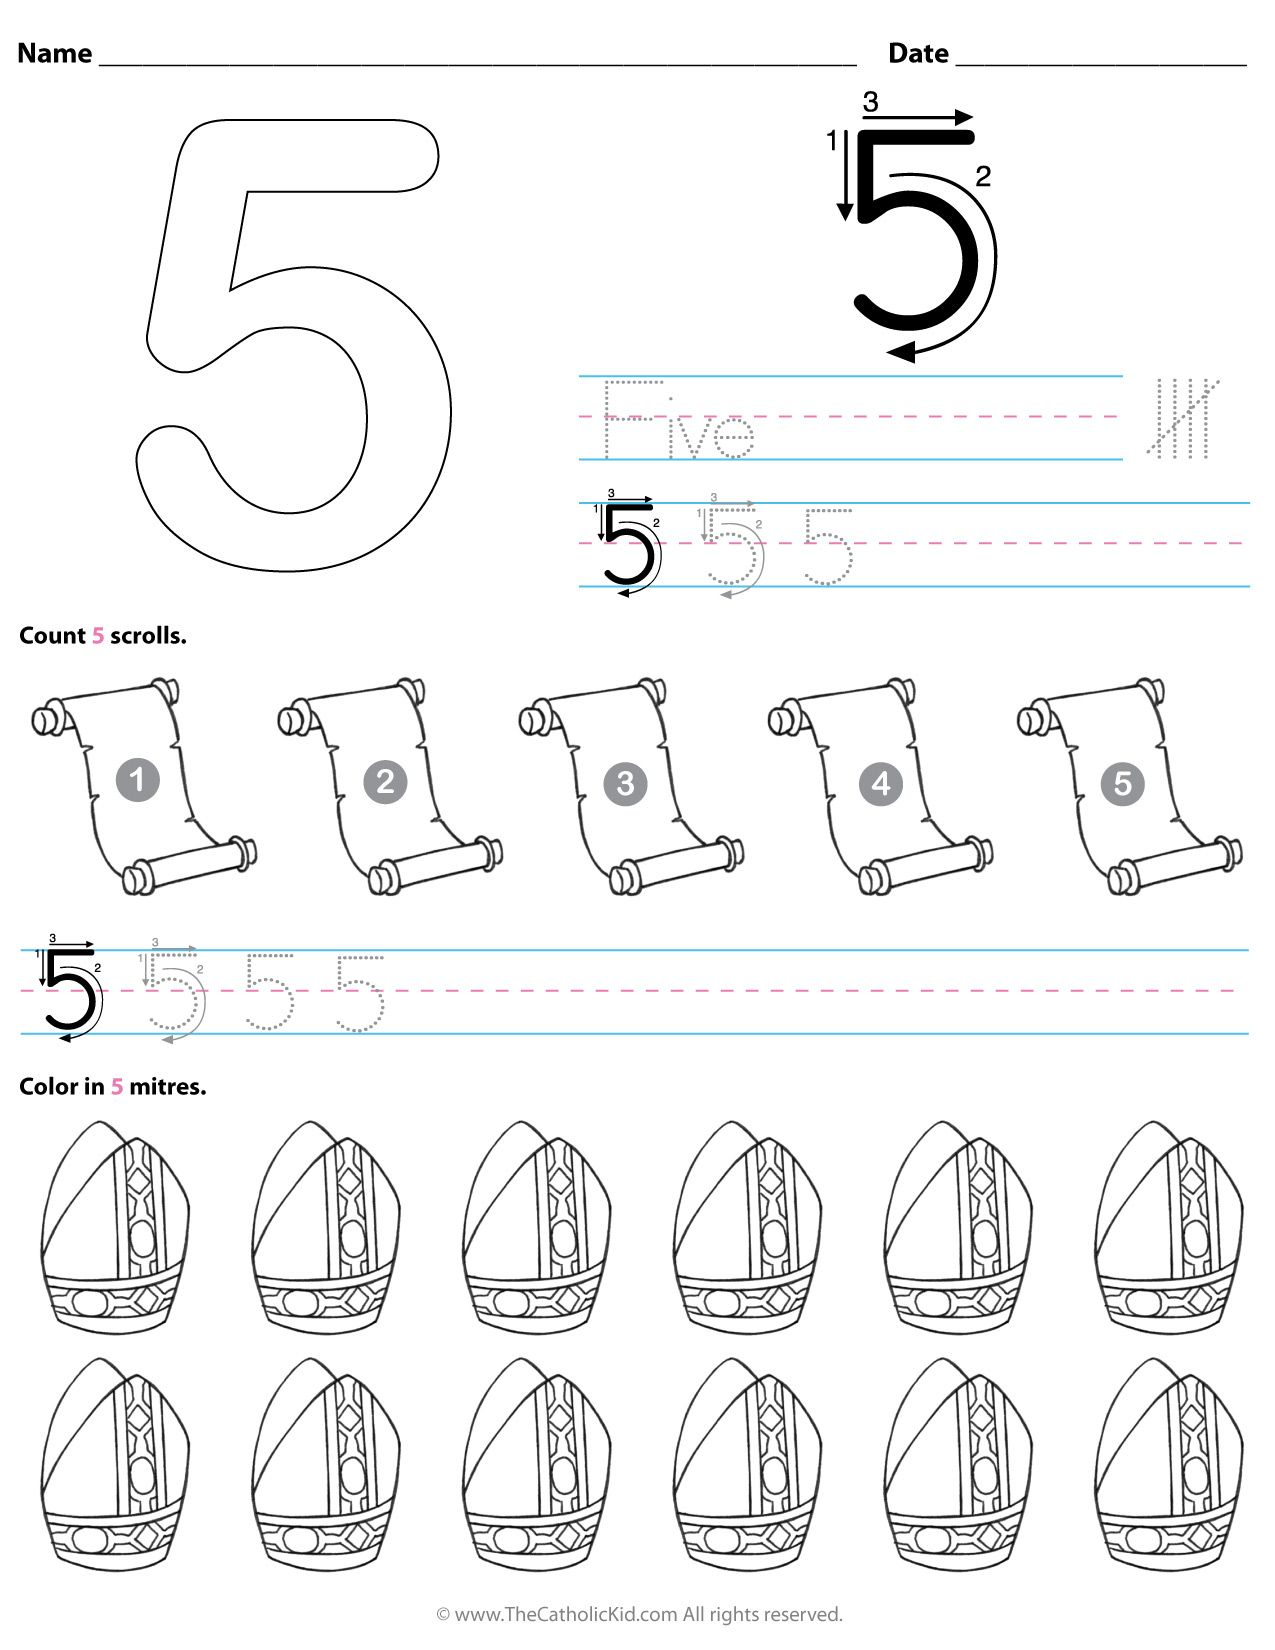 10 Catholic Preschool \u0026 Kindergarten Number Worksheets ideas   preschool  kindergarten [ 1650 x 1275 Pixel ]